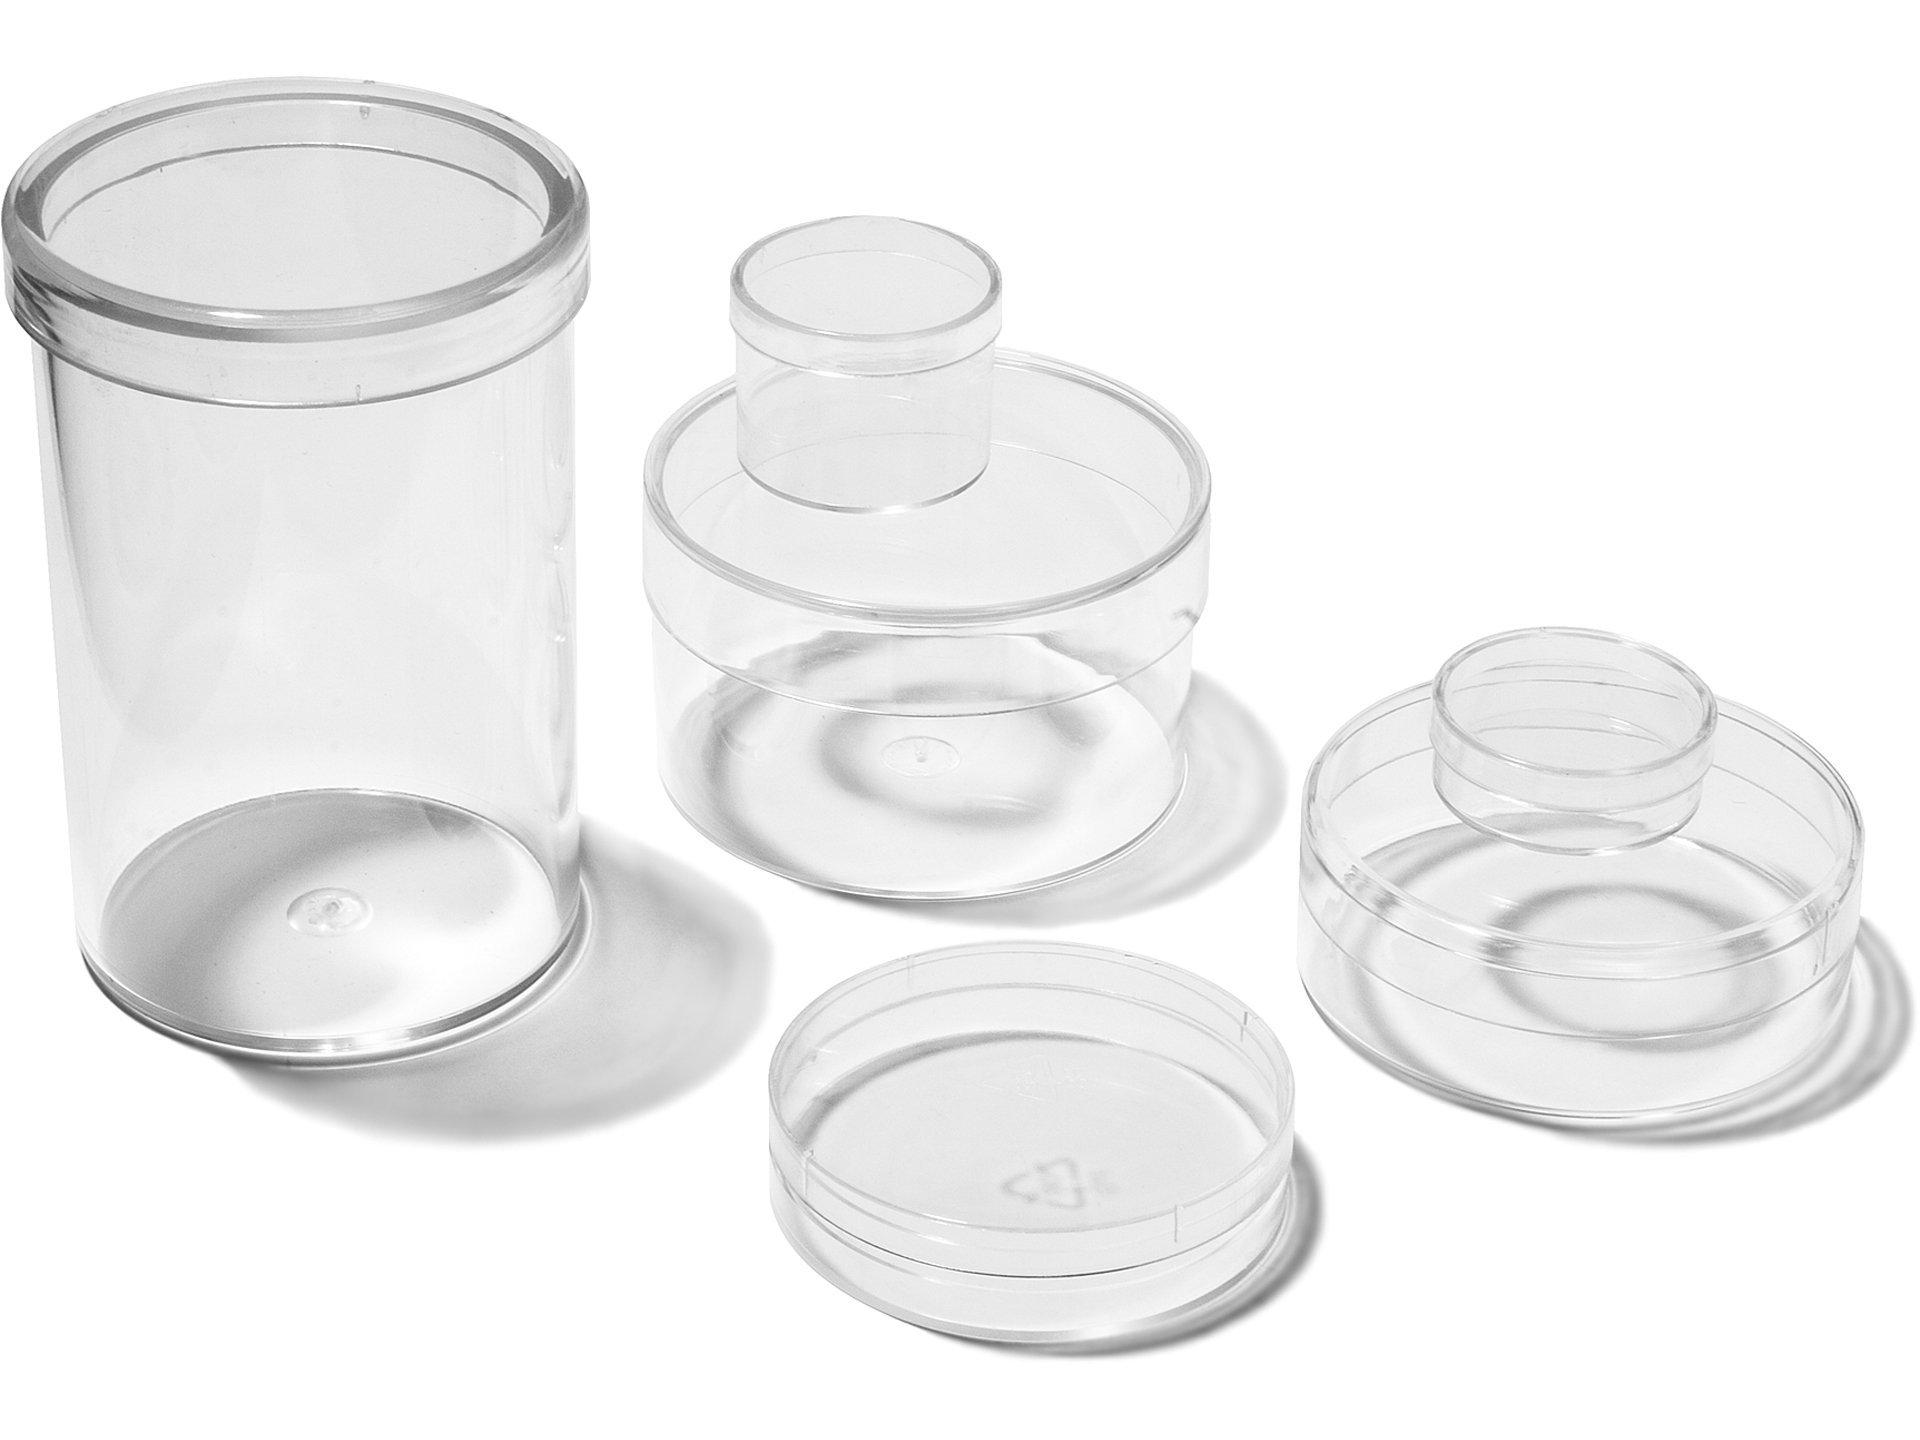 Brico Contenitori In Plastica.Brico Scatole Cartone Caminetto E Bambini Stanza Del S Dei Bambini